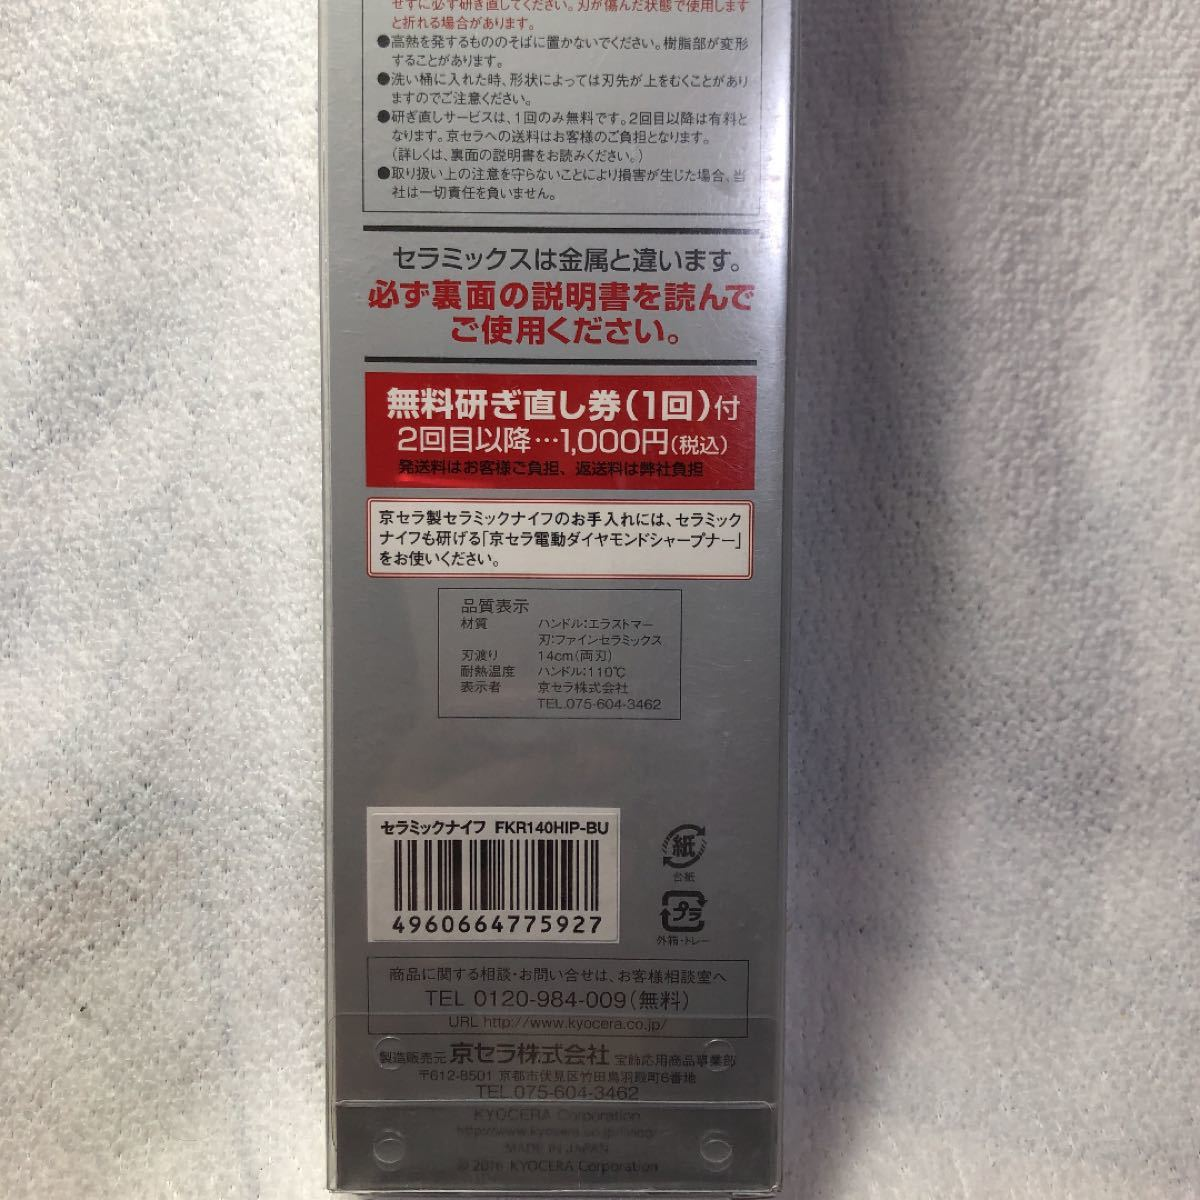 京セラ 包丁 ファイン セラミック 三徳包丁 14cm 黒刃 FKR140HIP